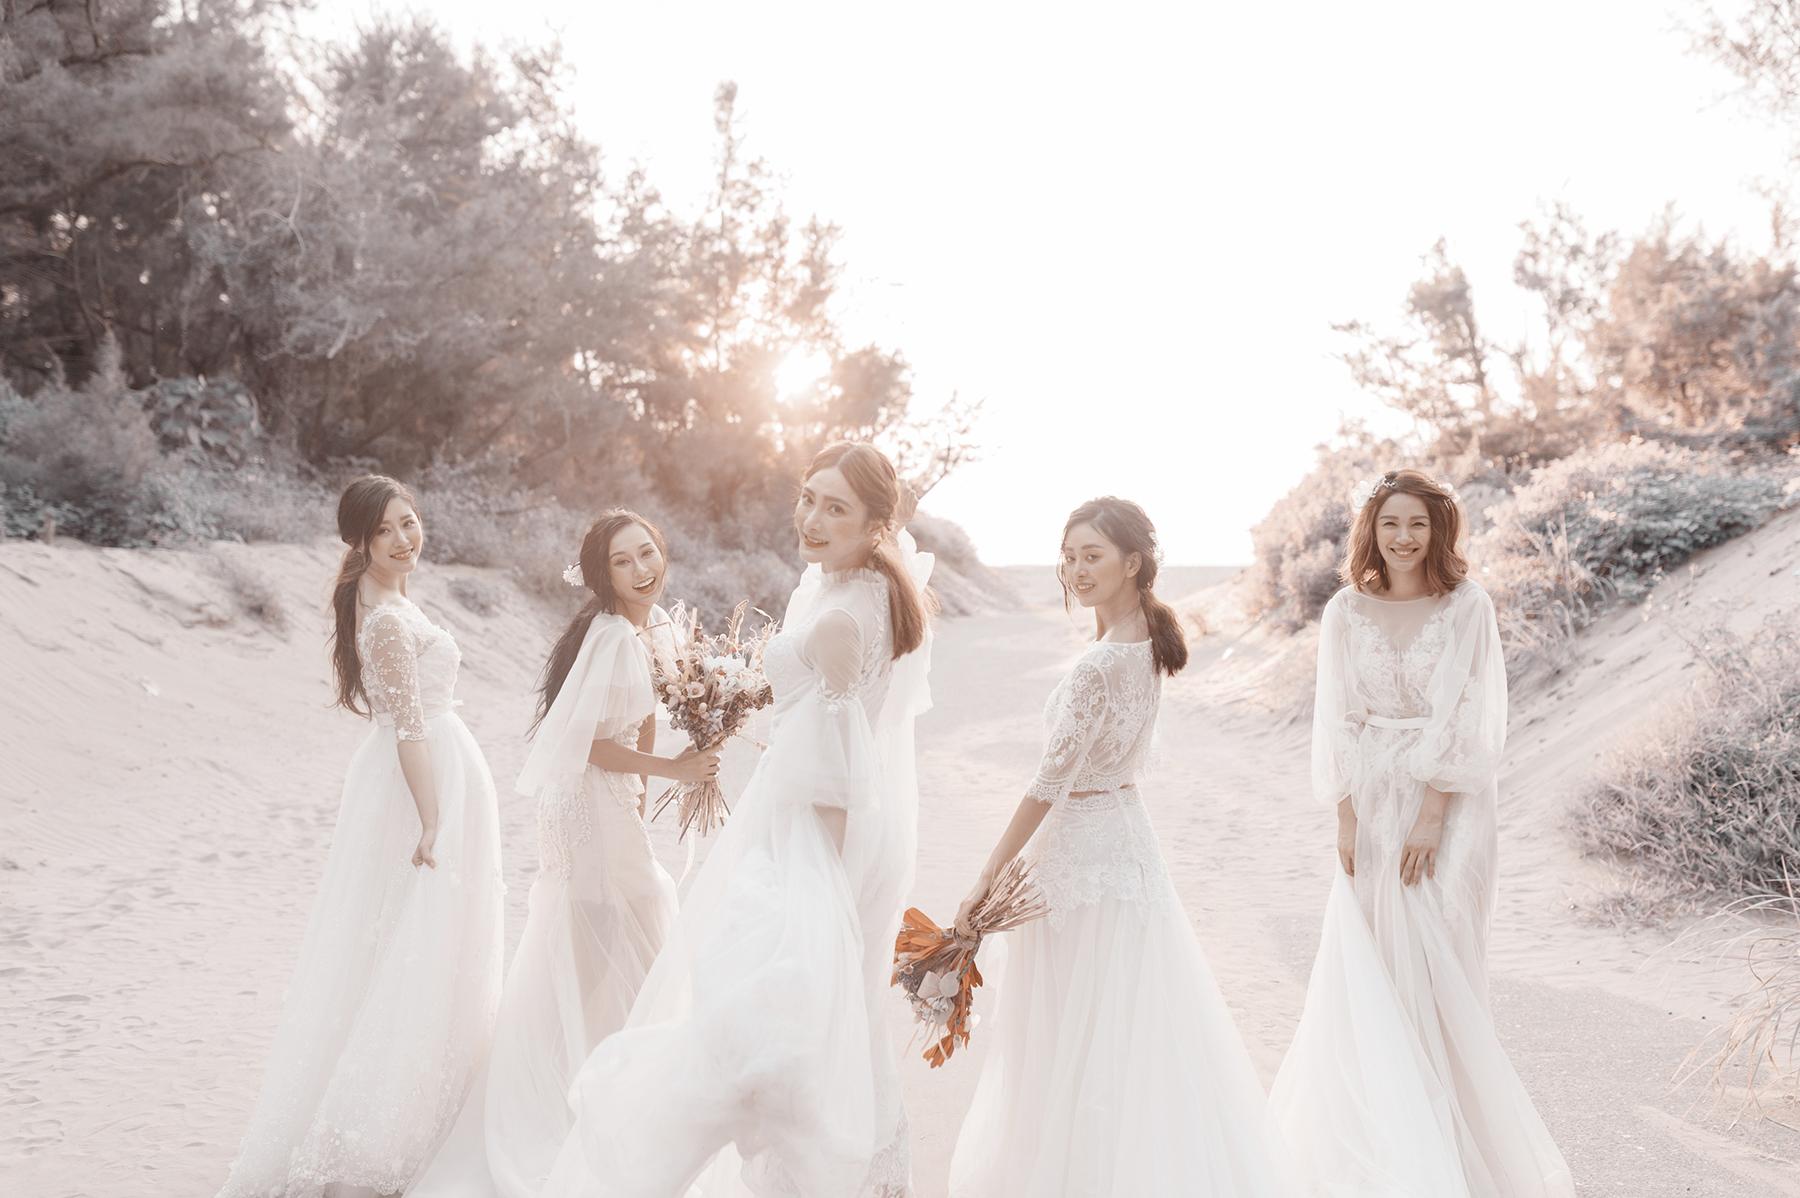 VVNFS團隊創作白紗新娘造型58